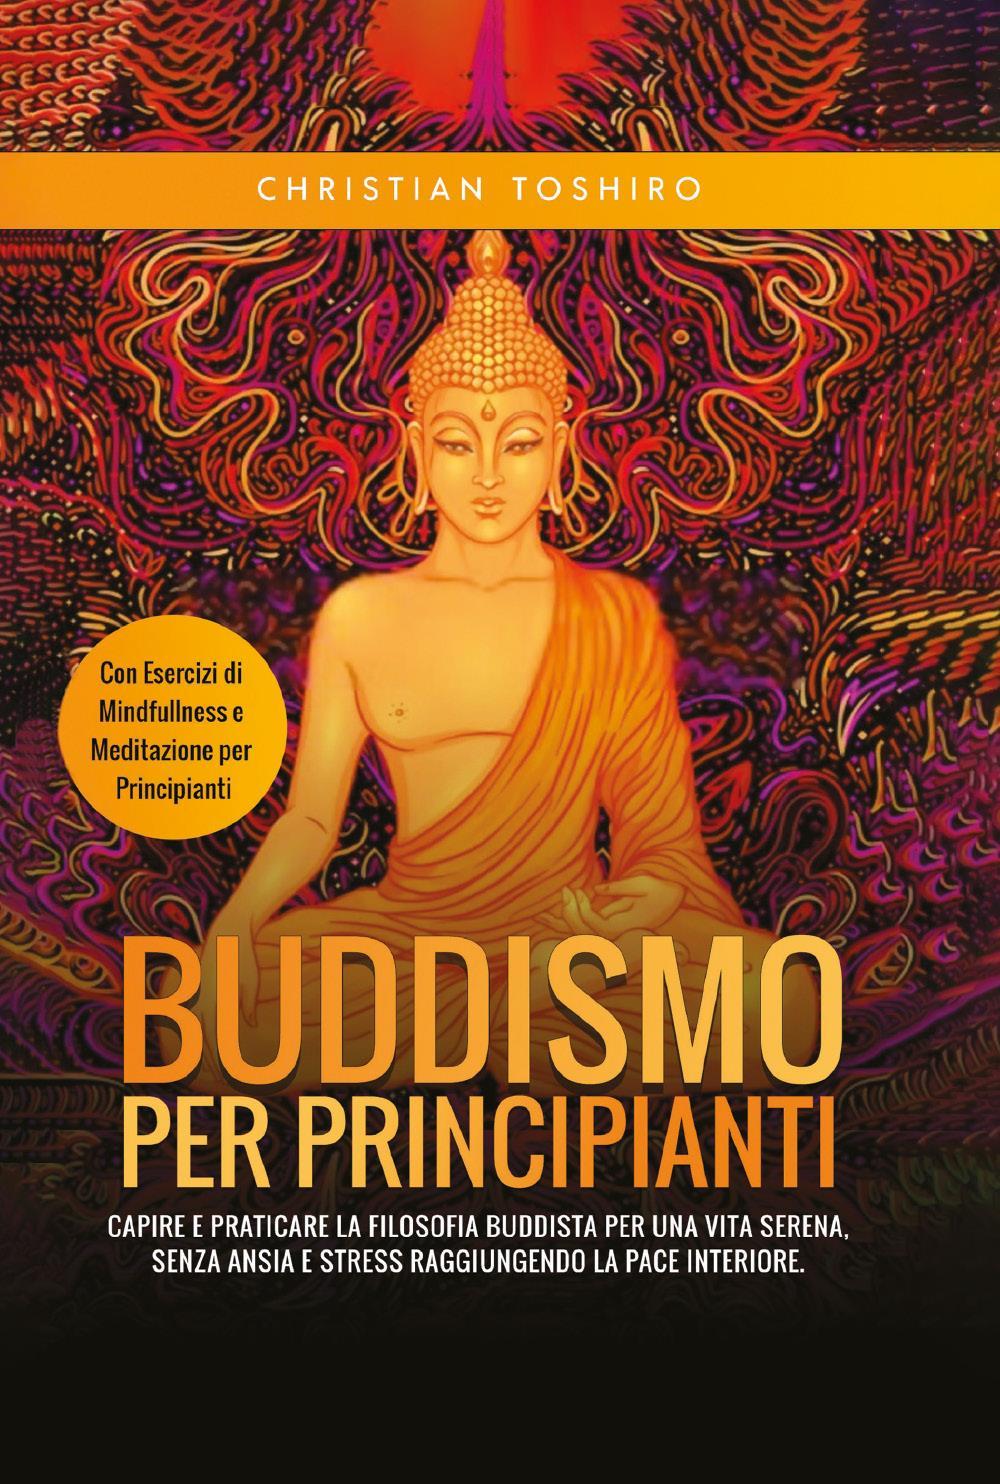 Buddismo per Principianti. Capire e Praticare la Filosofia Buddista per una Vita Serena, senza Ansia e Stress raggiungendo la Pace Interiore. Con Esercizi di Mindfullness e Meditazione per Principianti